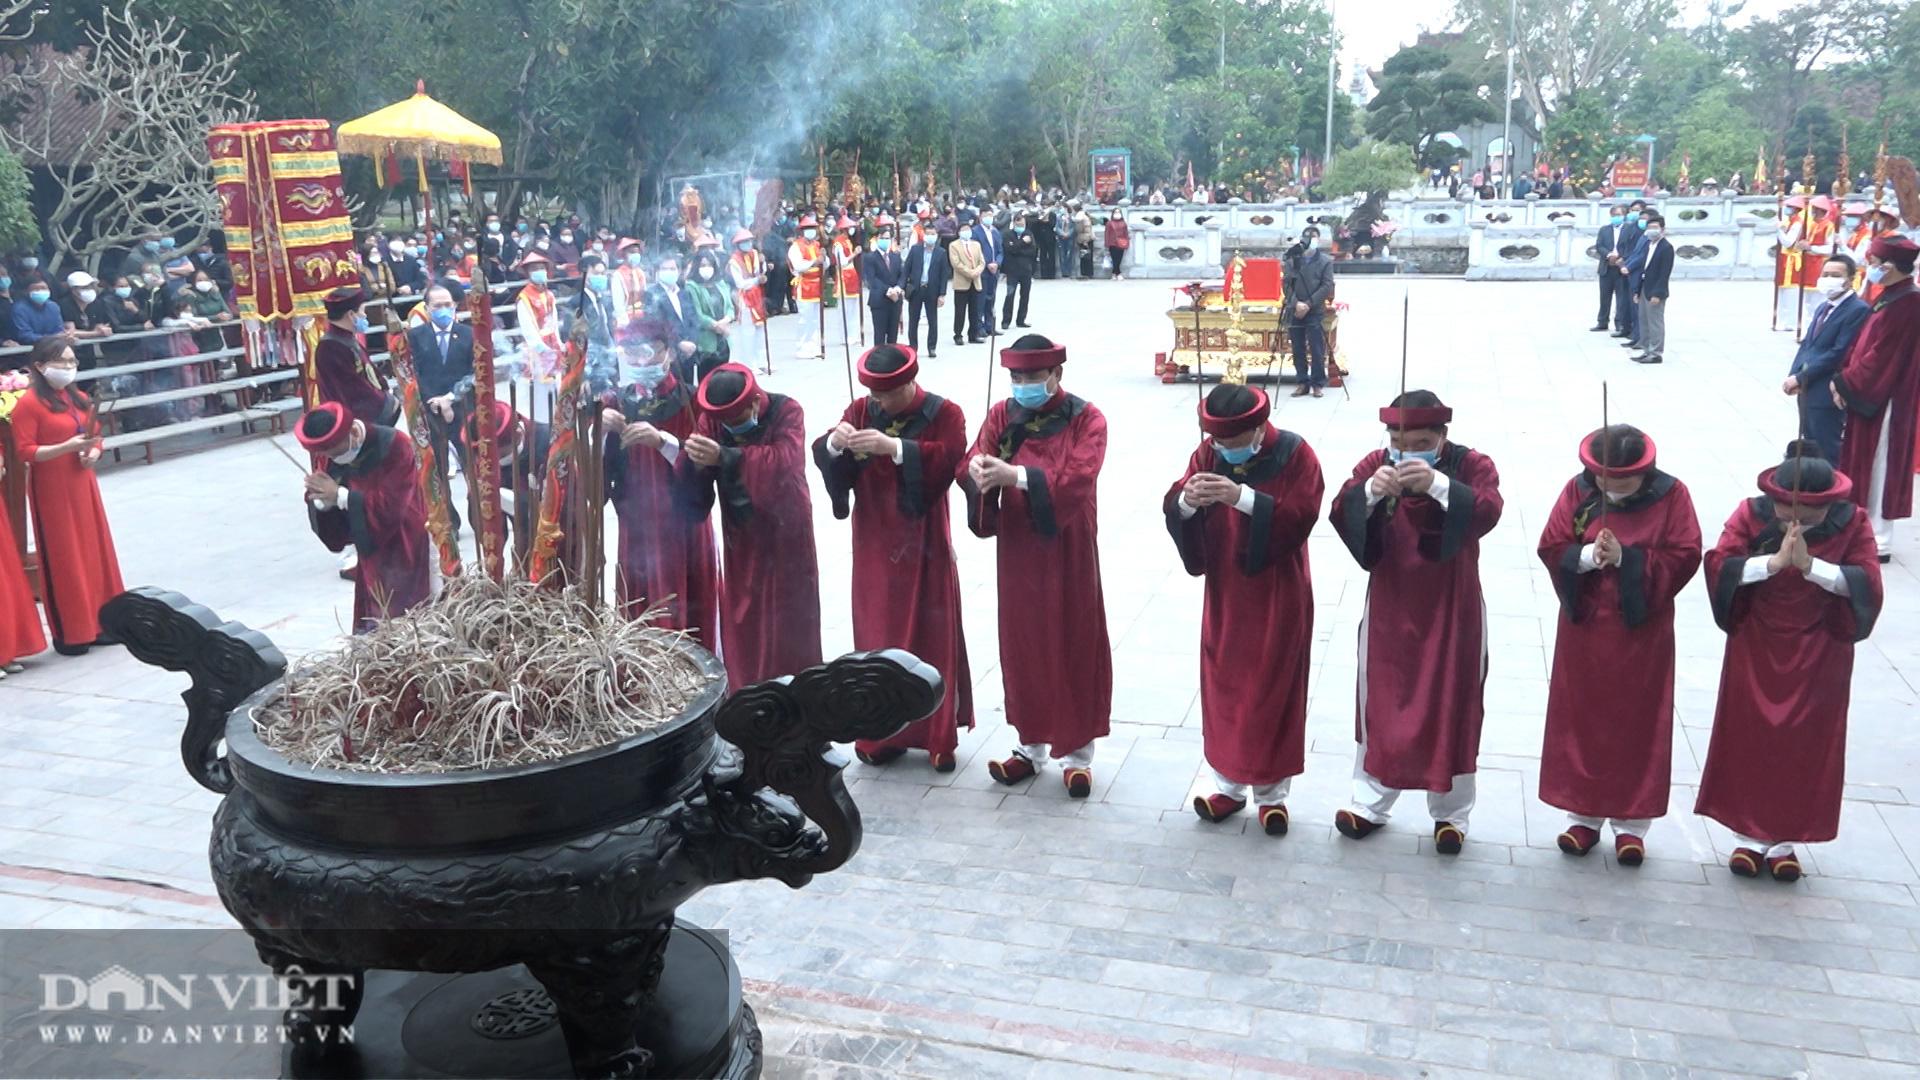 Người dân đeo khẩu trang kín mít khi về khai lễ Đền mẫu Âu Cơ - Ảnh 5.